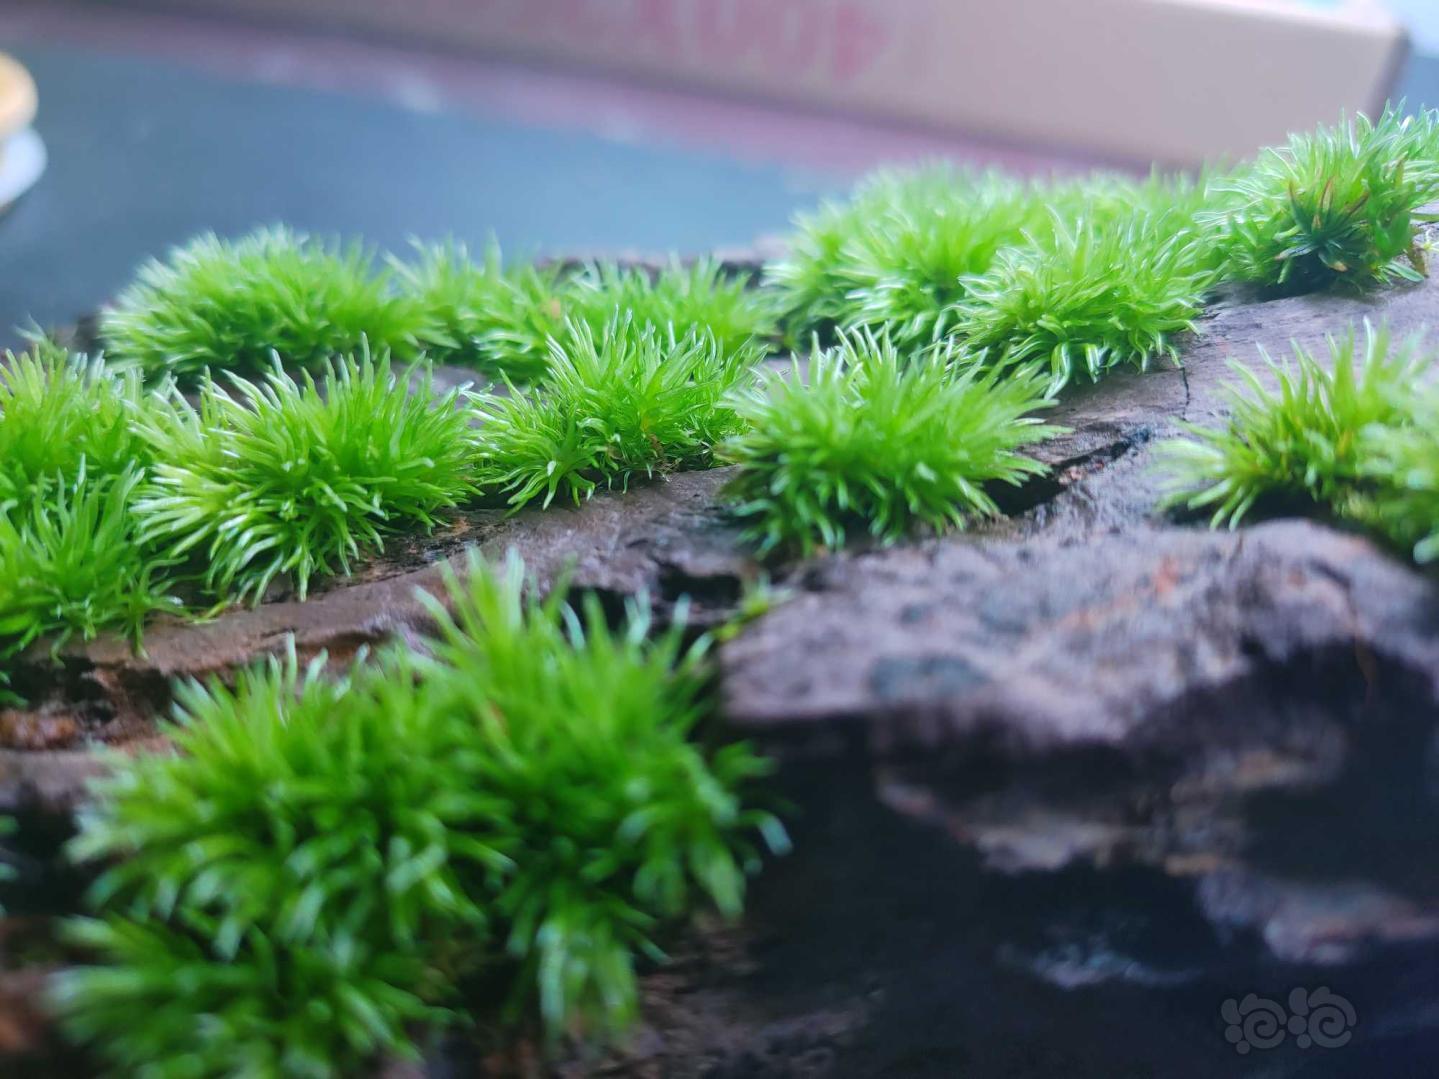 【苔藓】石头长满了,该换块石头重新养了-图5